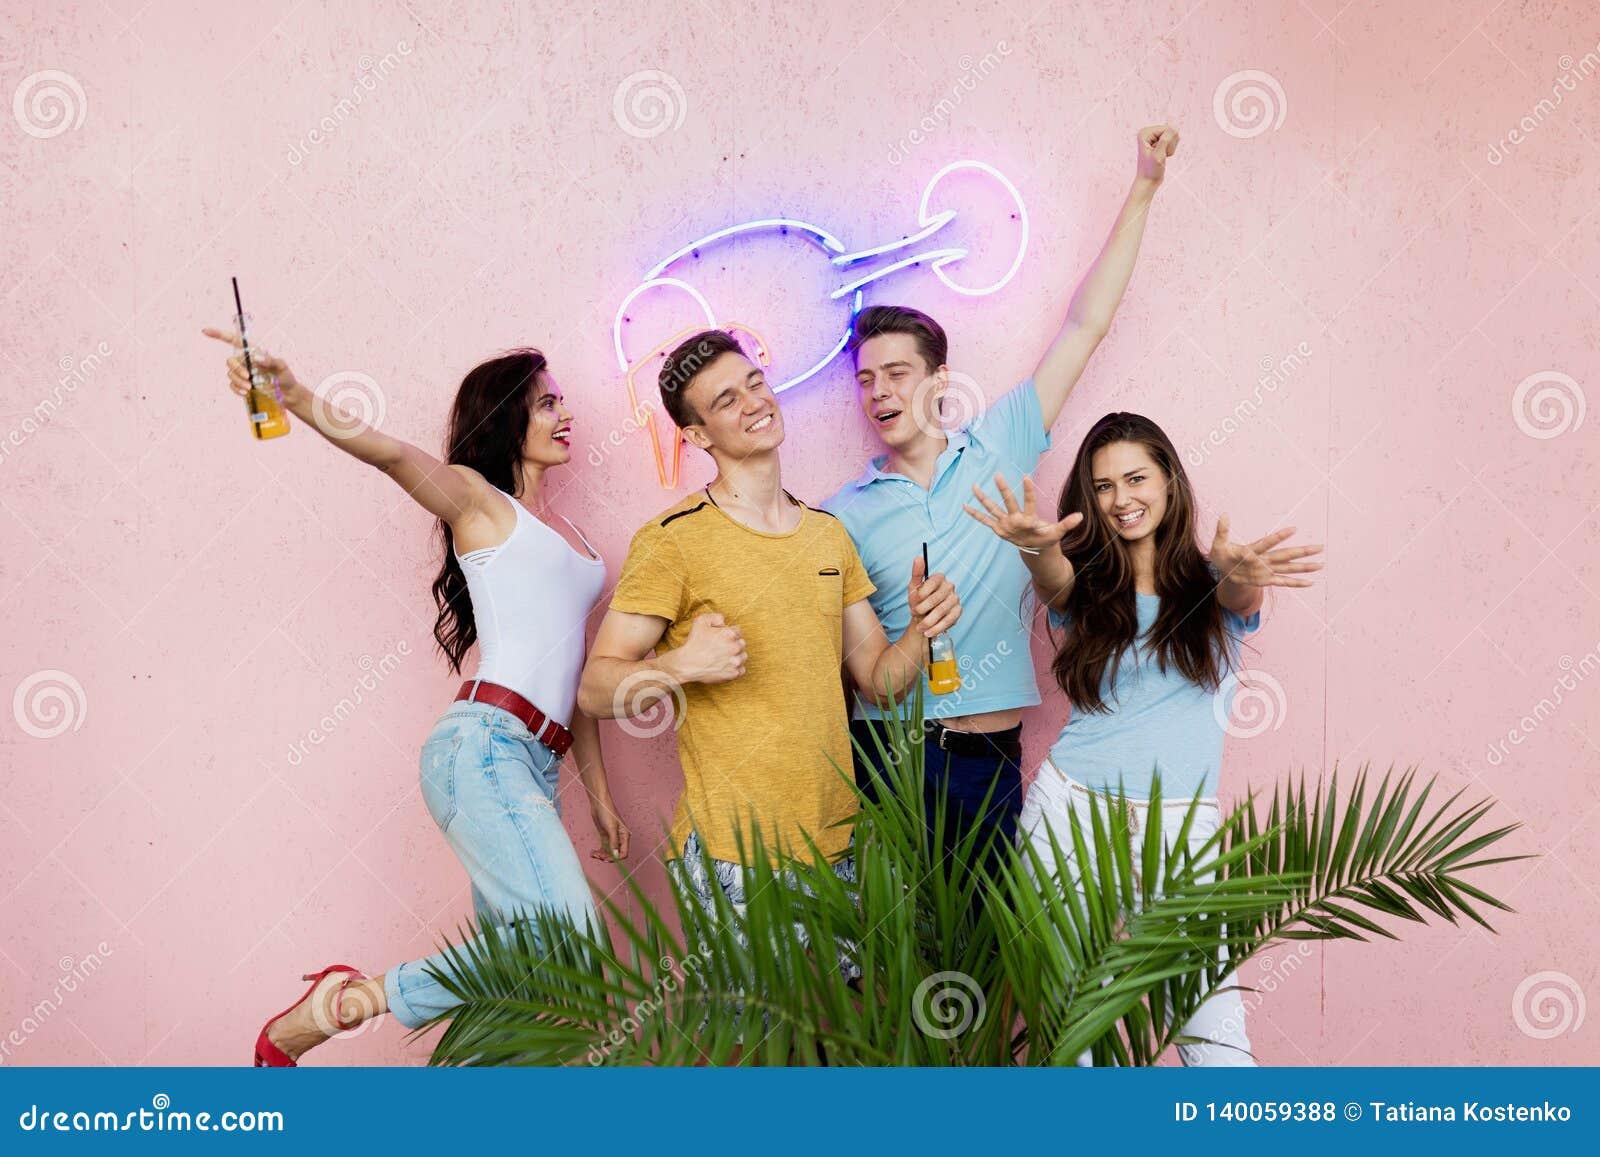 Компания симпатичных друзей смеясь, выпивая желтые коктейли стоит перед розовой стеной и за